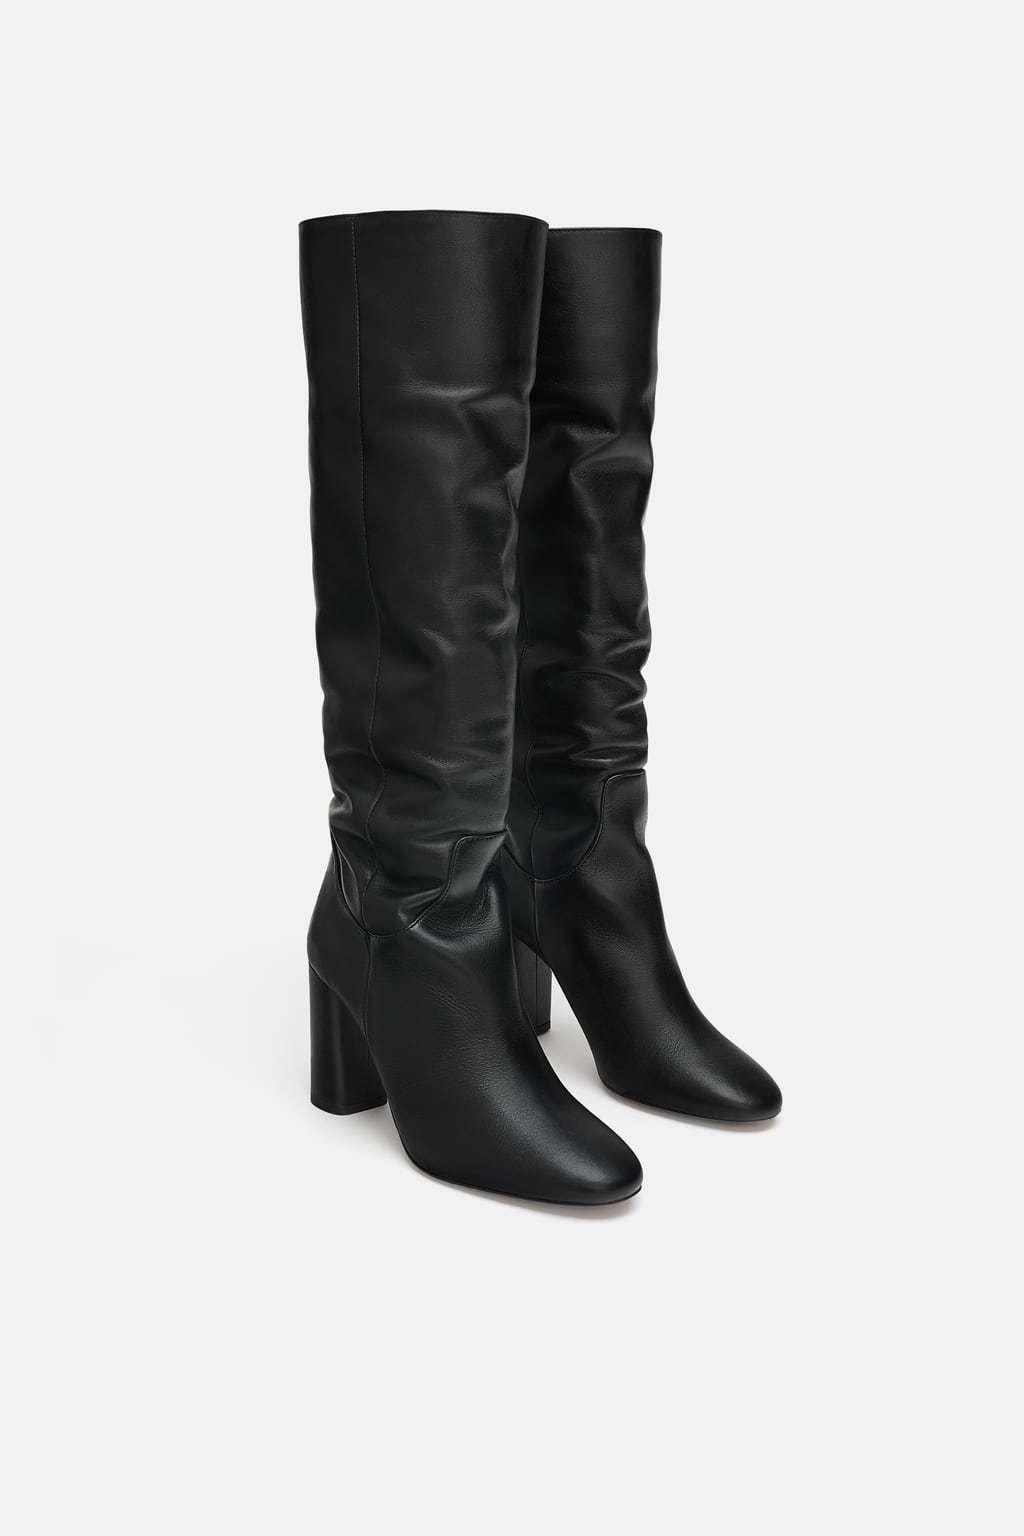 Botas altas de tacón negras, de Zara (99,95 euros).